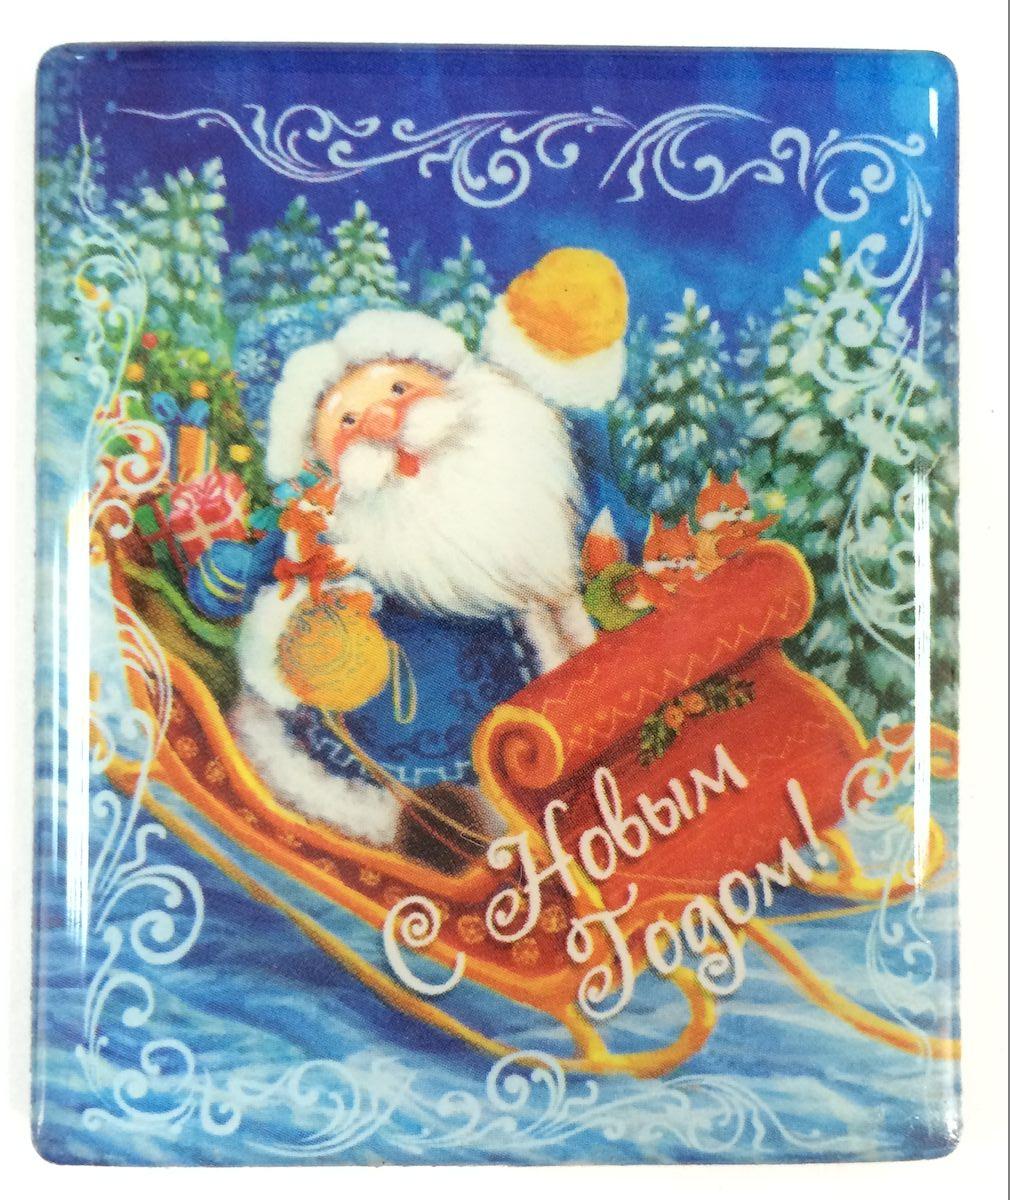 Магнит декоративный Magic Time Дед Мороз в санях, 6 х 5 см. 383751185645Магнит Magic Time Дед Мороз в санях, выполненный из агломерированного феррита, прекрасно подойдет в качестве сувенира к Новому году или станет приятным презентом в обычный день. Магнит - одно из самых простых, недорогих и при этом оригинальных украшений интерьера. Он поможет вам украсить не только холодильник, но и любую другую магнитную поверхность.Материал: агломерированный феррит.